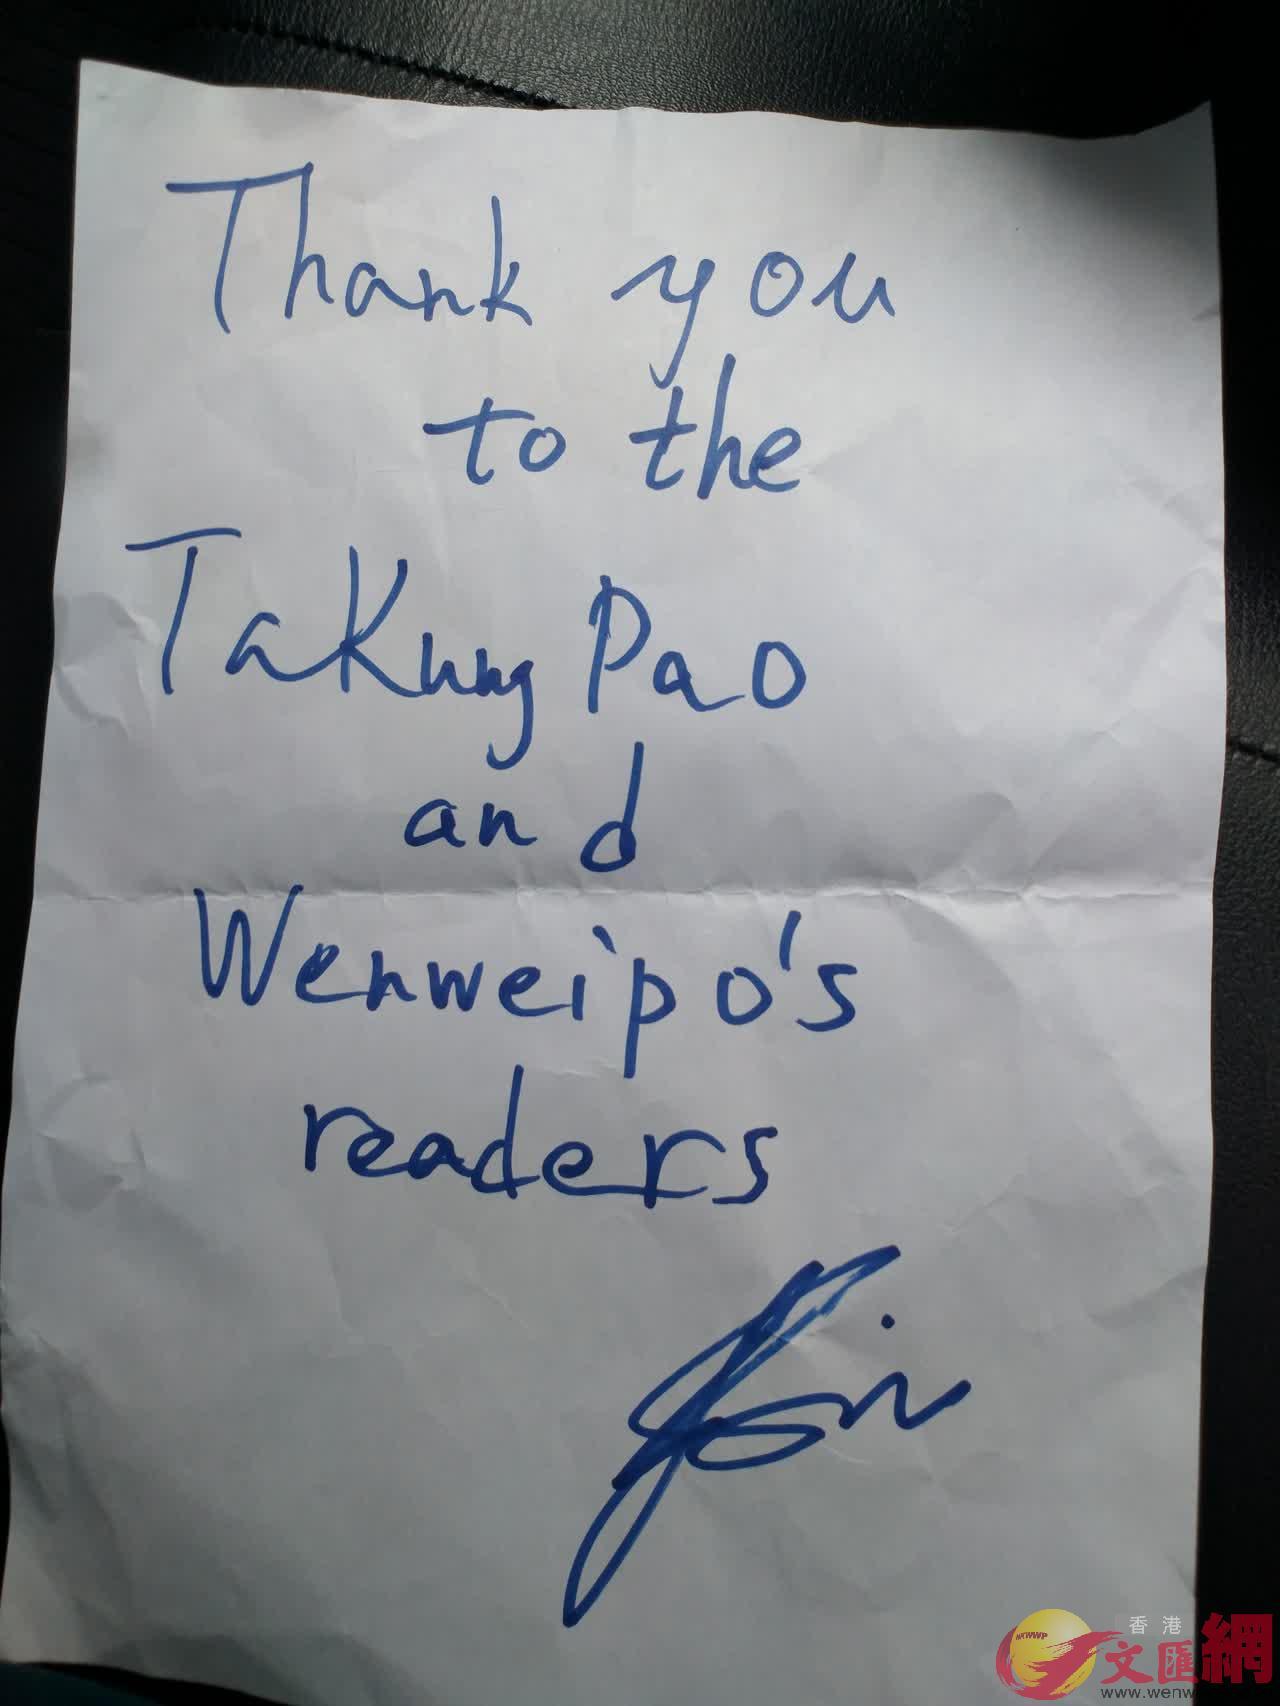 蕭頴瑩留言感謝大文讀者對她的支持